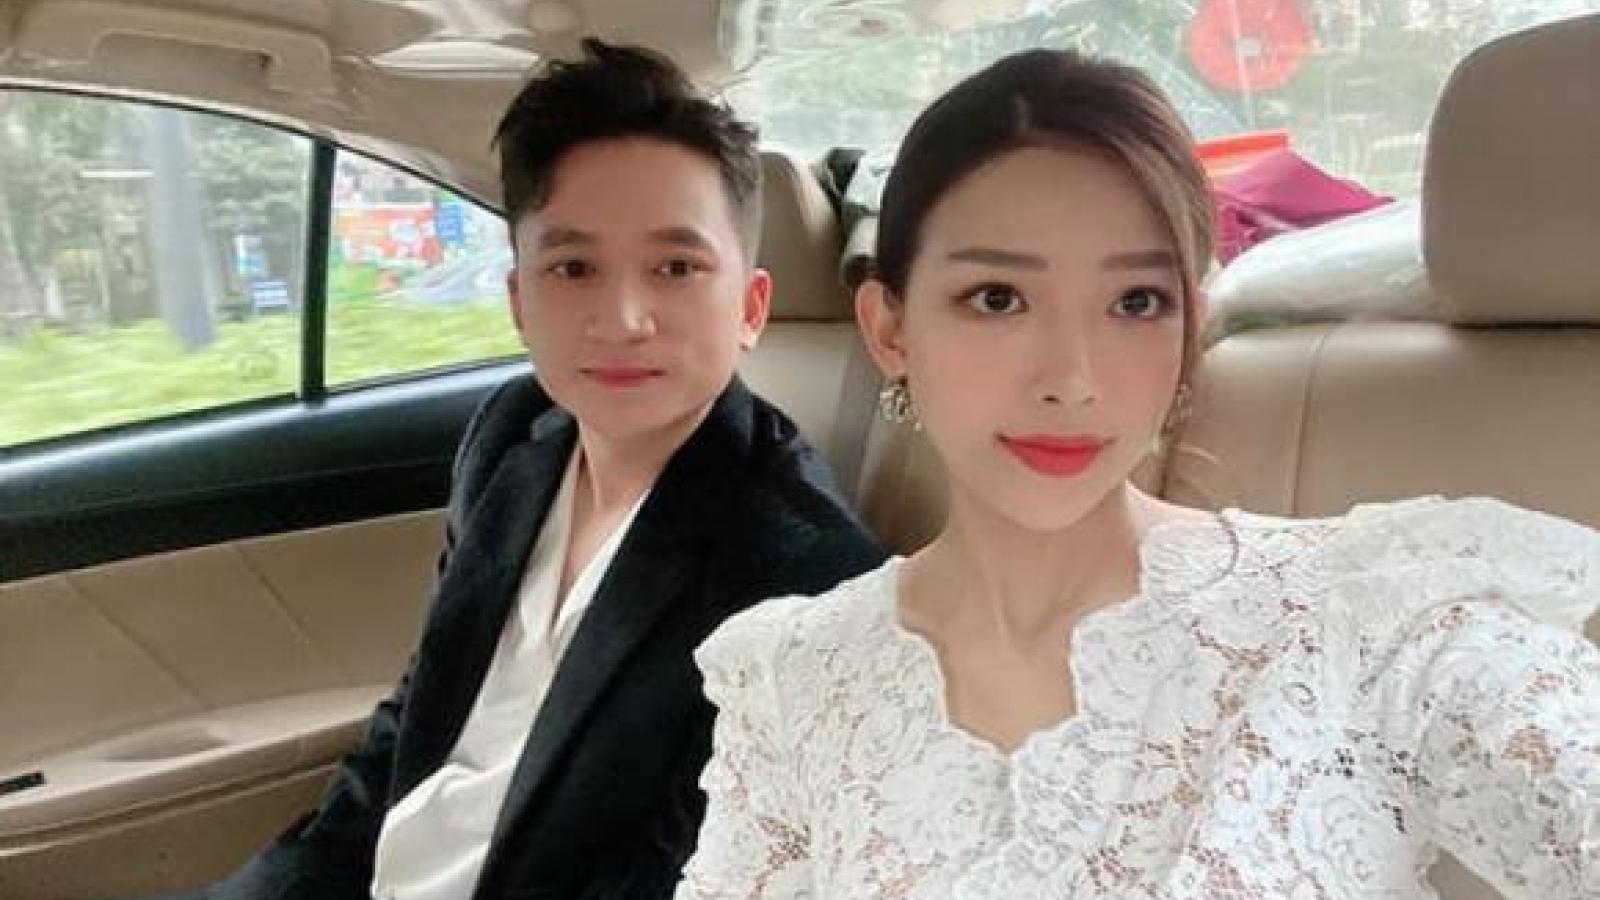 Chuyện showbiz: Phan Mạnh Quỳnh và bạn gái xinh đẹp chốt ngày kết hôn